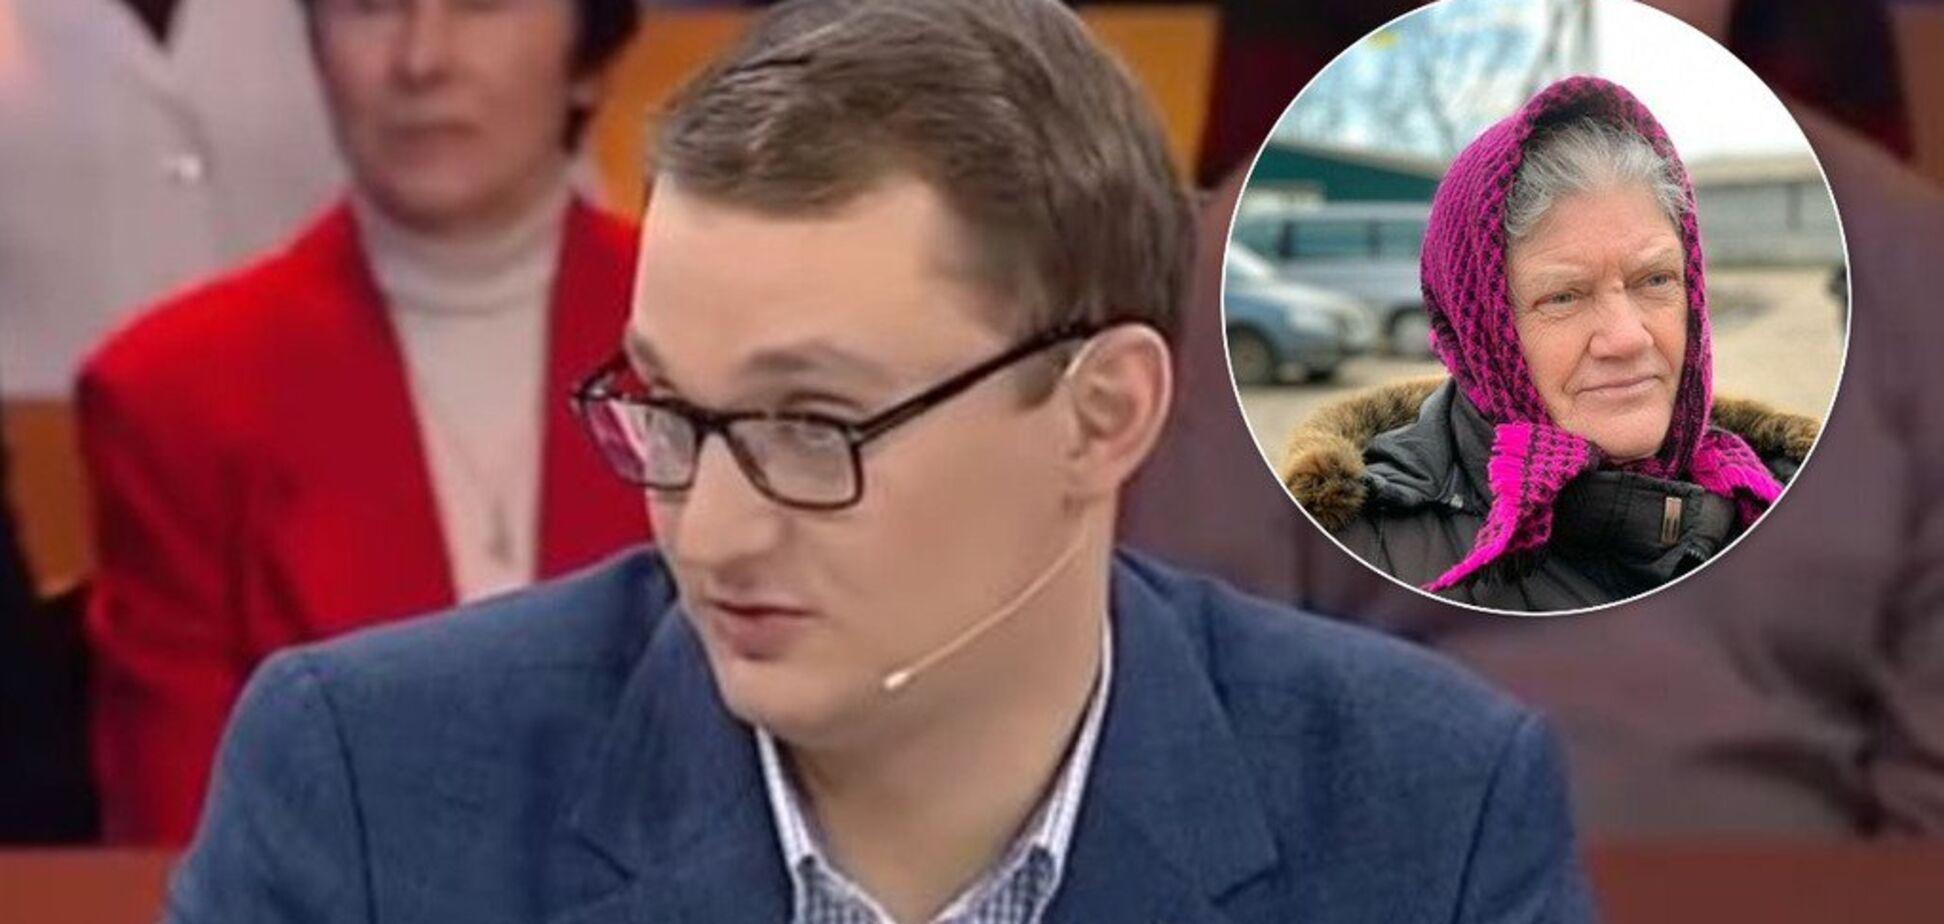 Собака за коммуналку, вызов проституток и решалово: топ-скандалов 'Слуги народа'